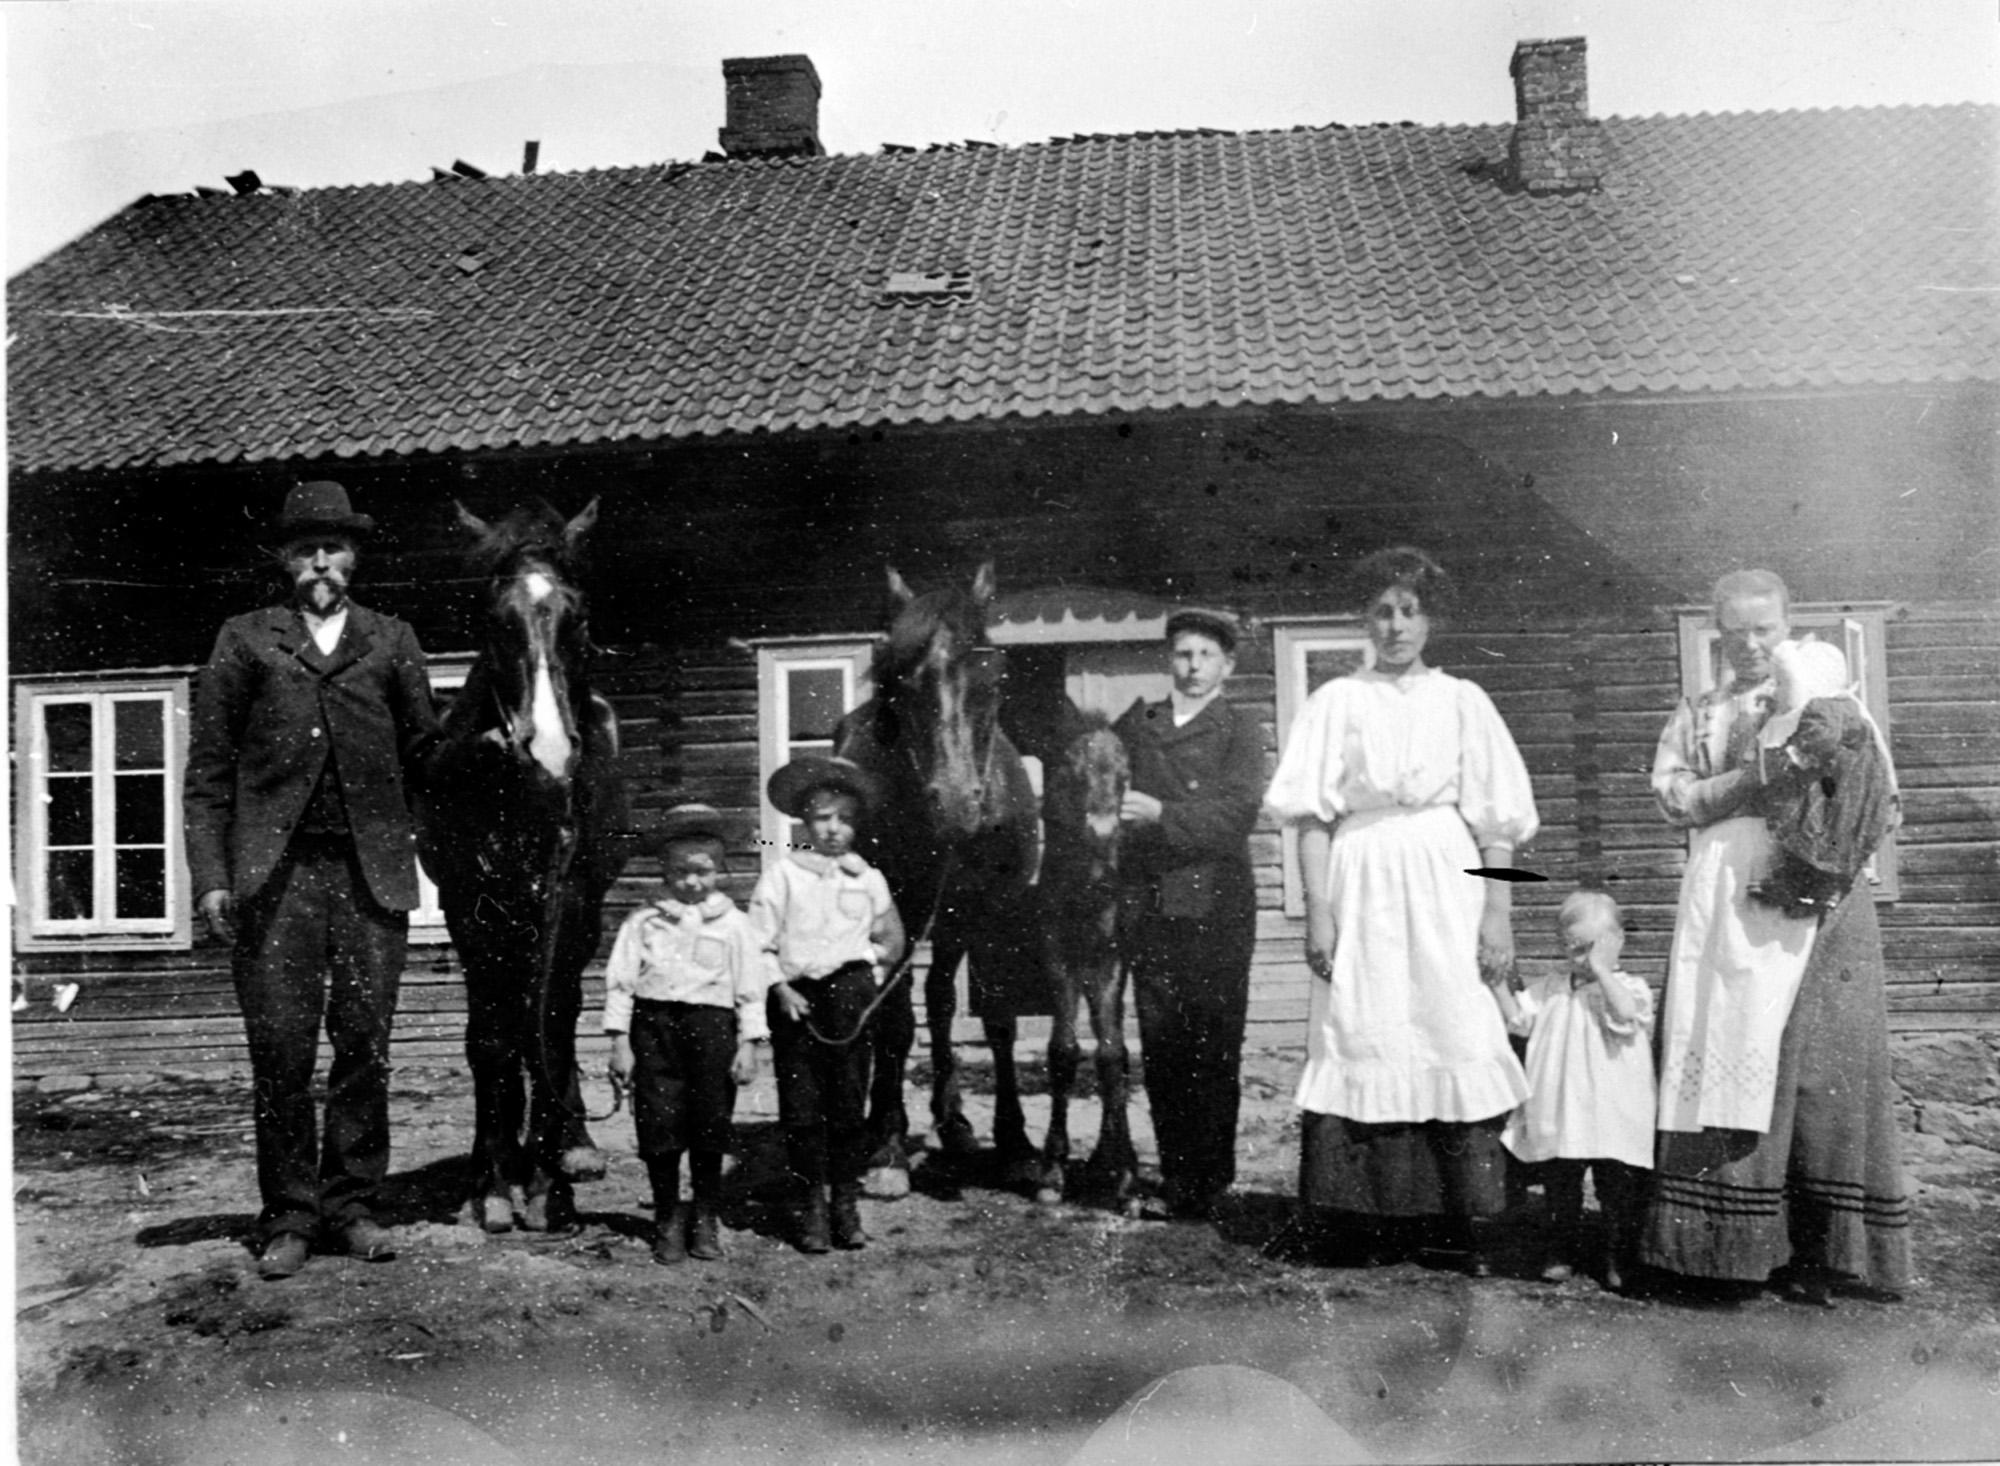 Bilde av mennesker foran hus